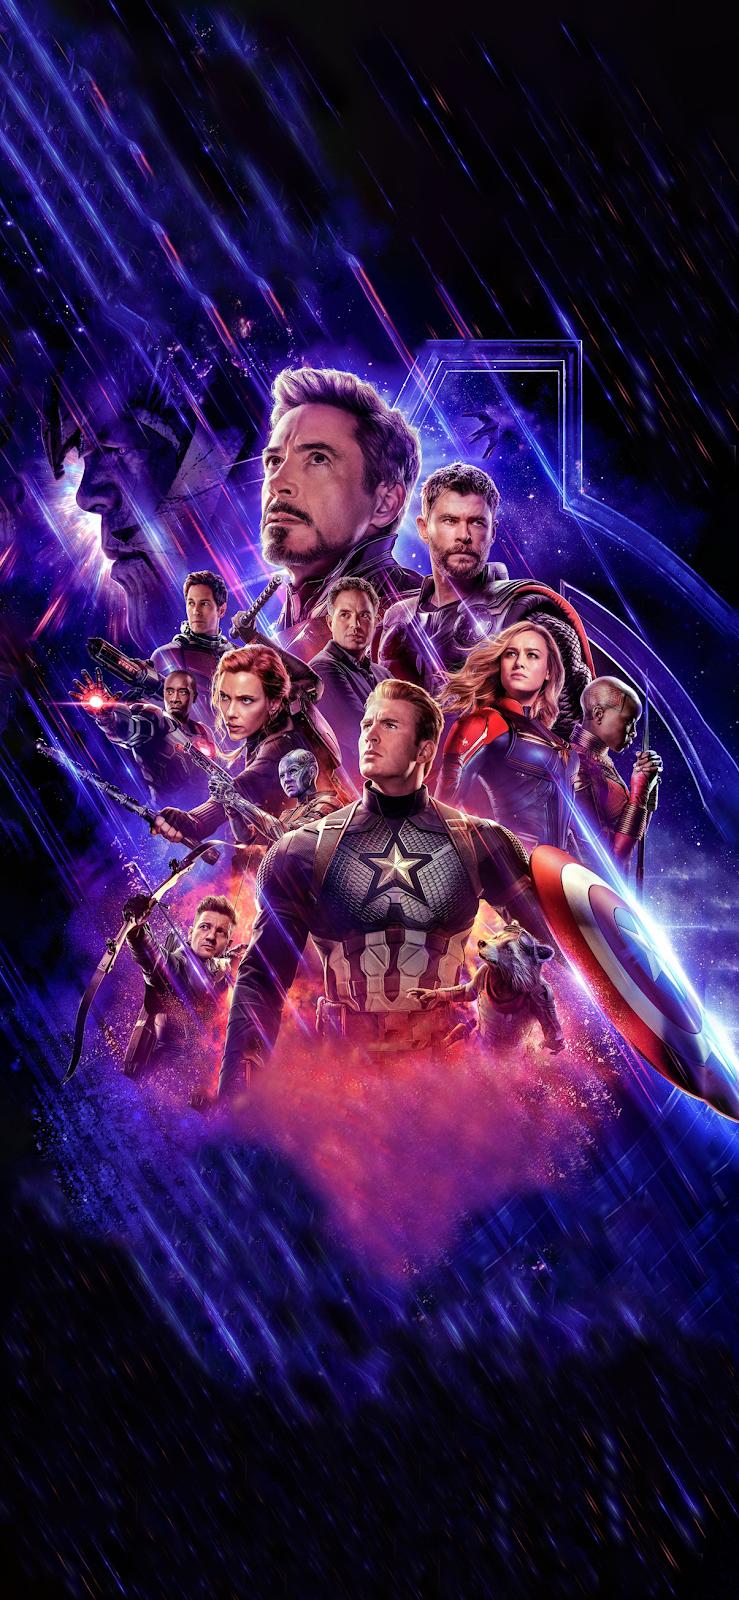 Avengers: Endgame textless